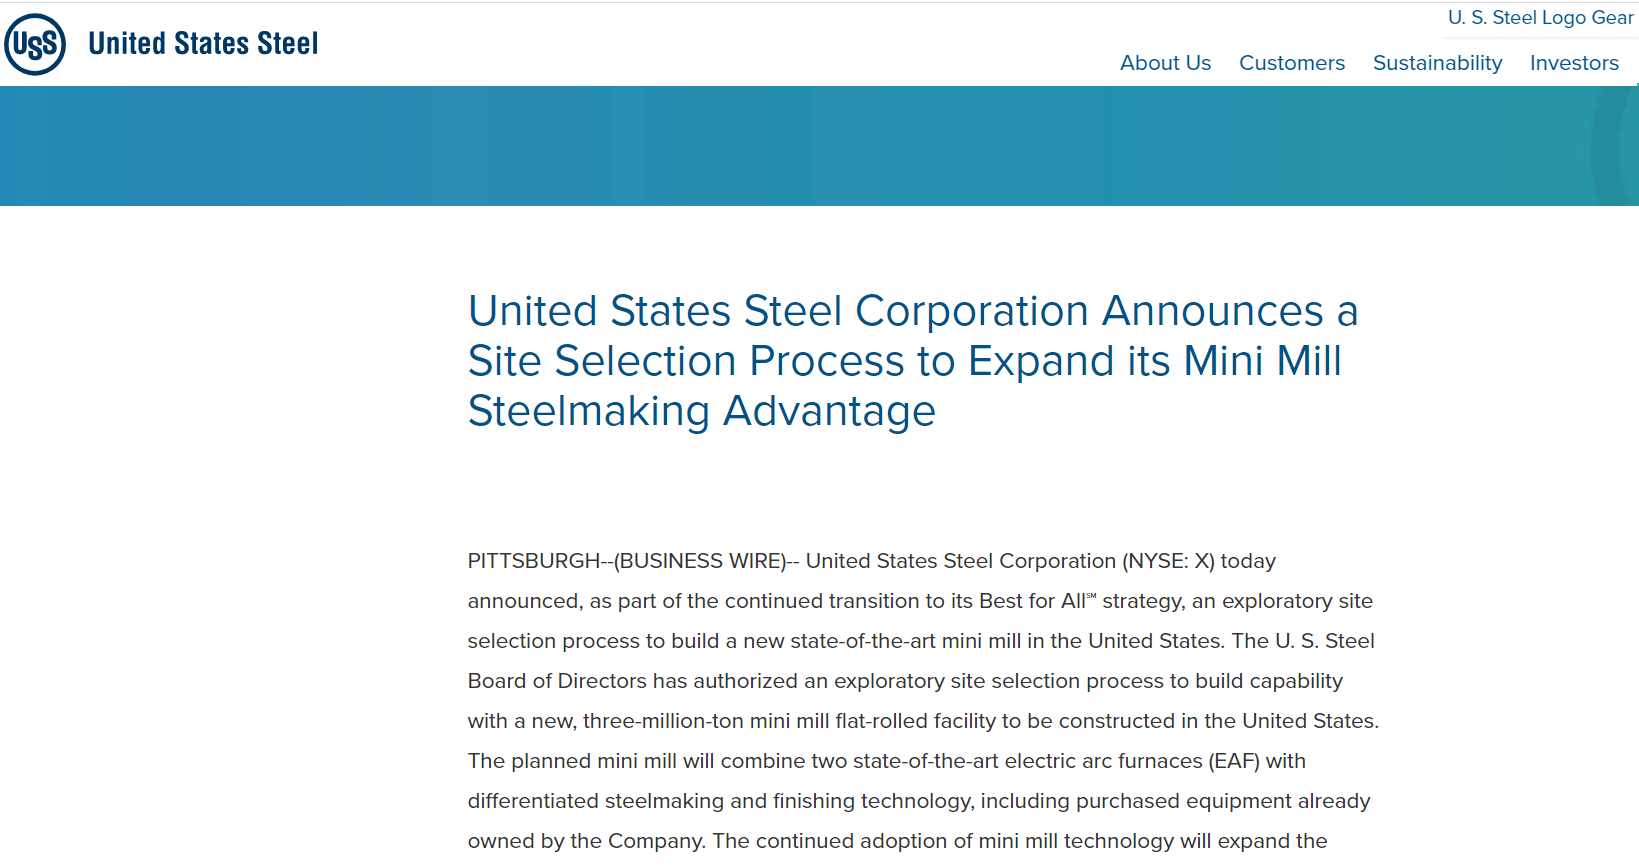 美国钢铁公司拟斥资30亿美元建一新钢厂 押注钢价将持续走强